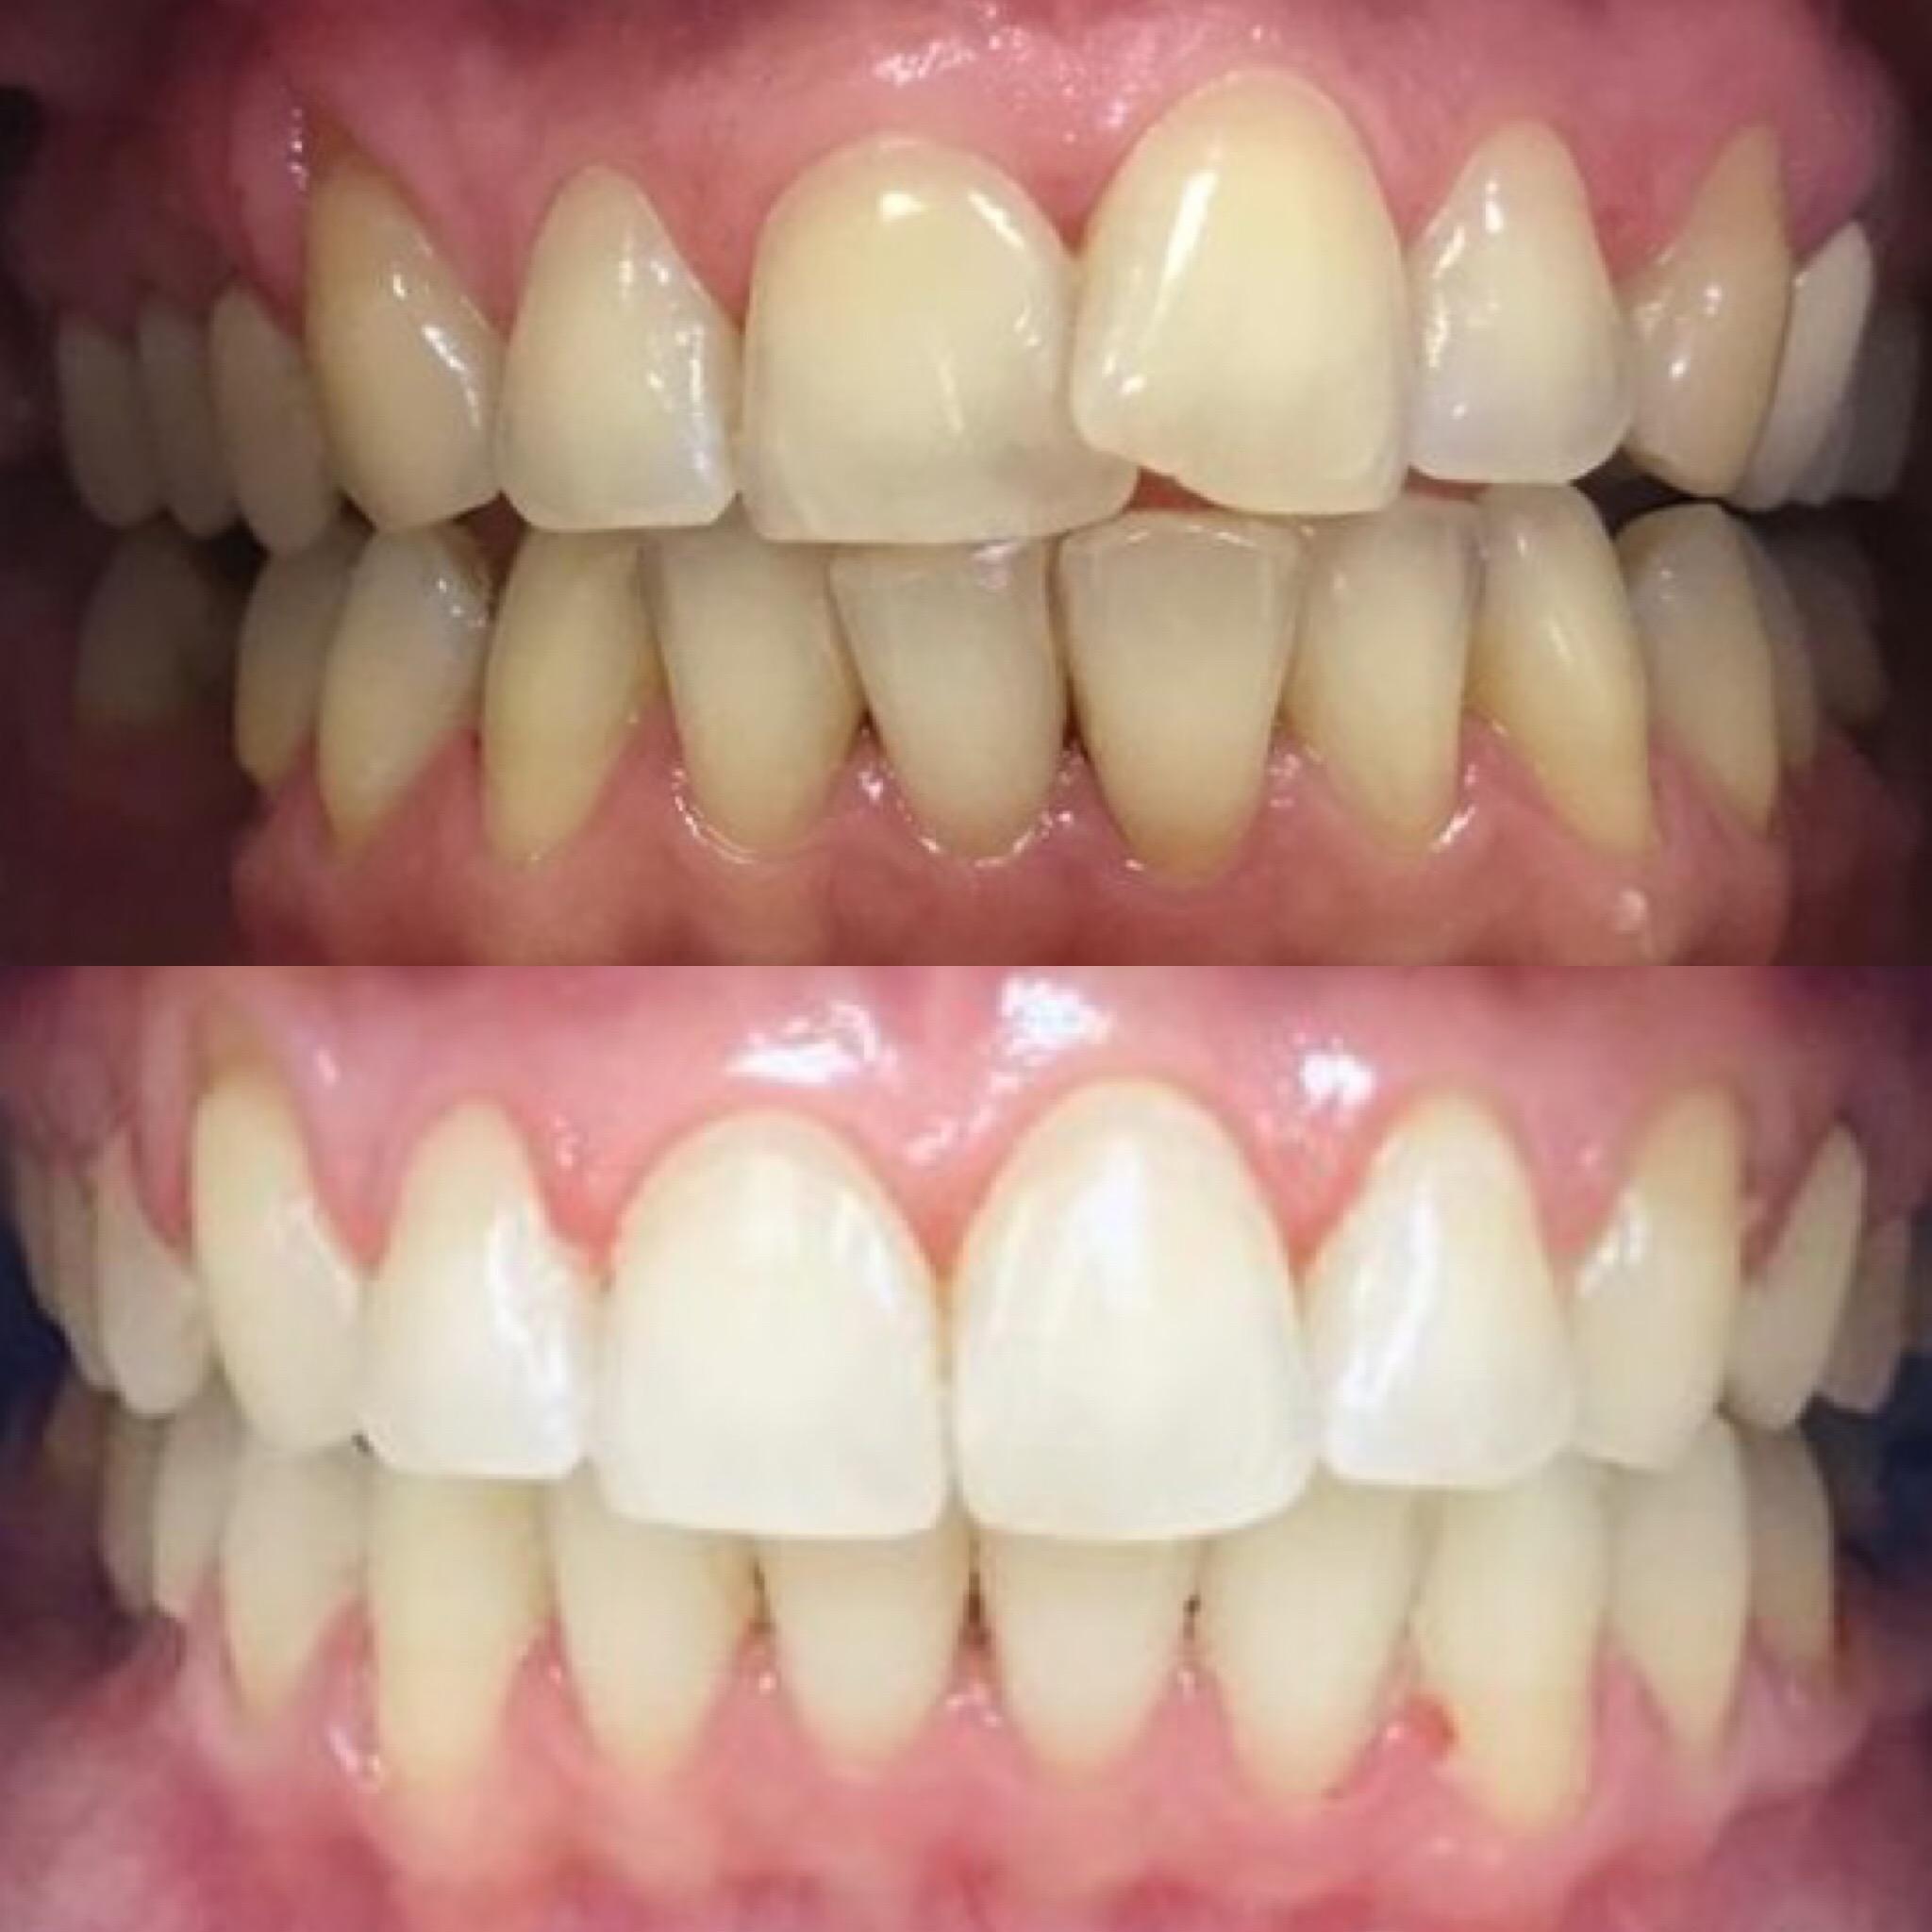 Ортодонтическое лечение длилось 1,5 года на системе брекетов Damon Clear